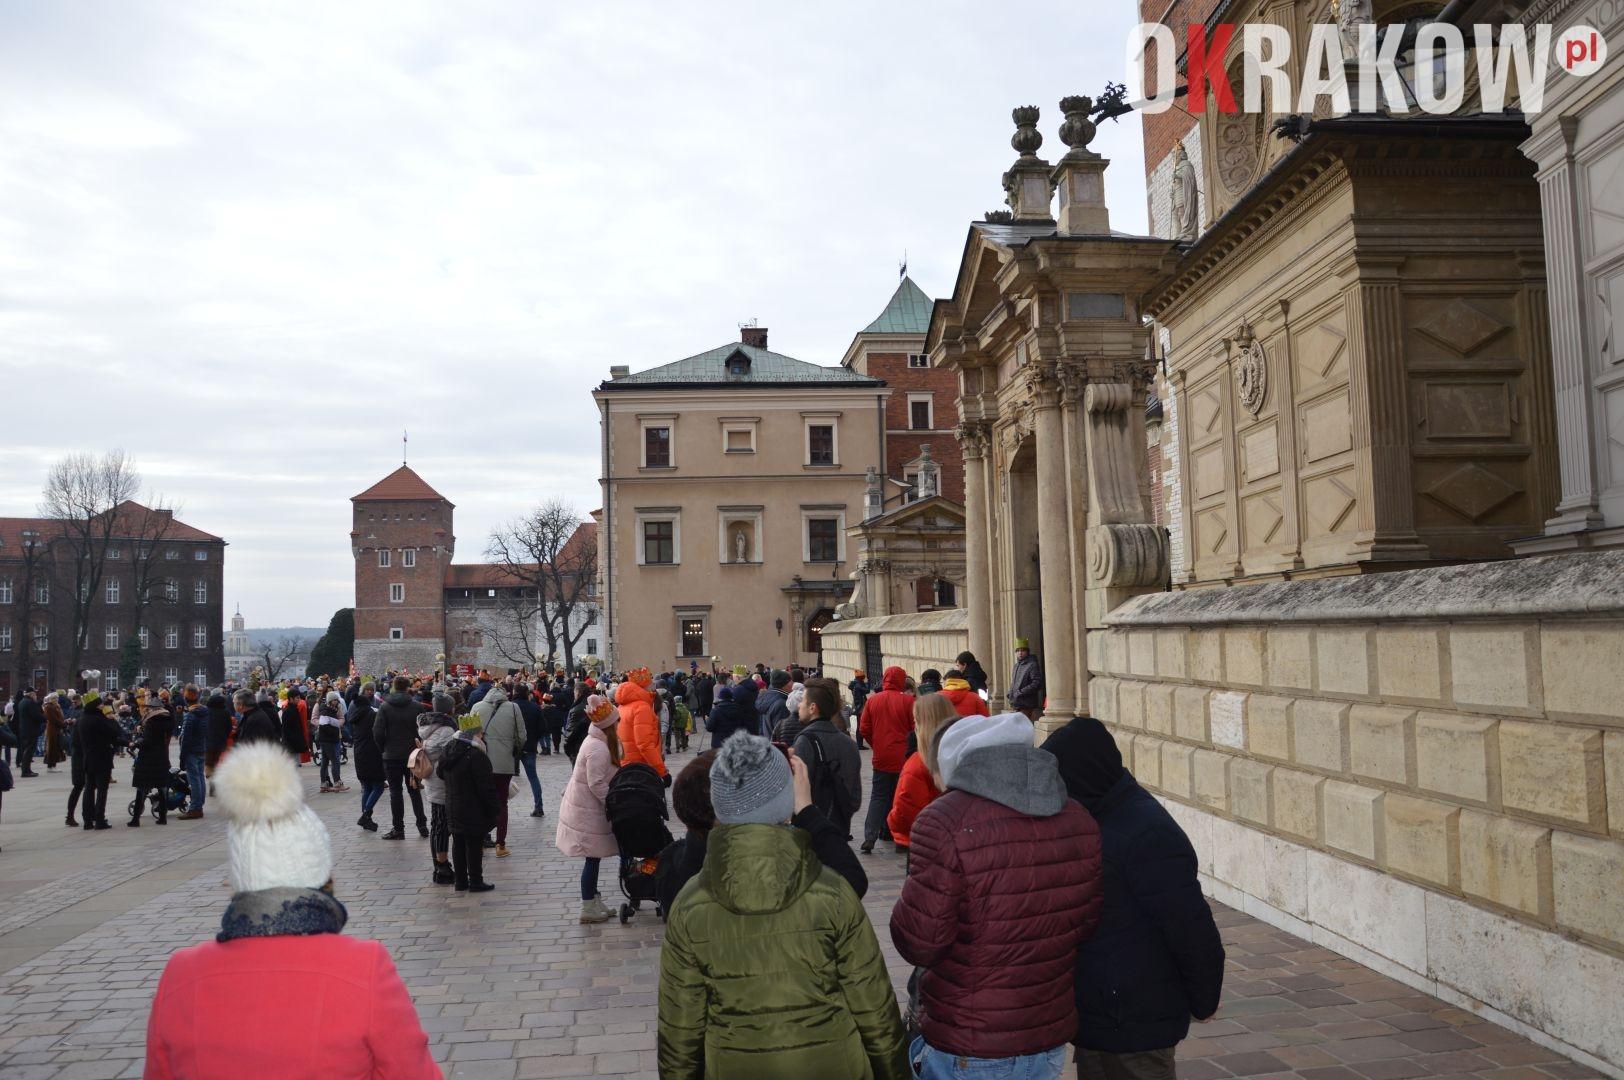 orszak 1 150x150 - Orszak Trzech Króli Kraków 2020 Galeria Zdjęć z Orszaku (czerwonego)